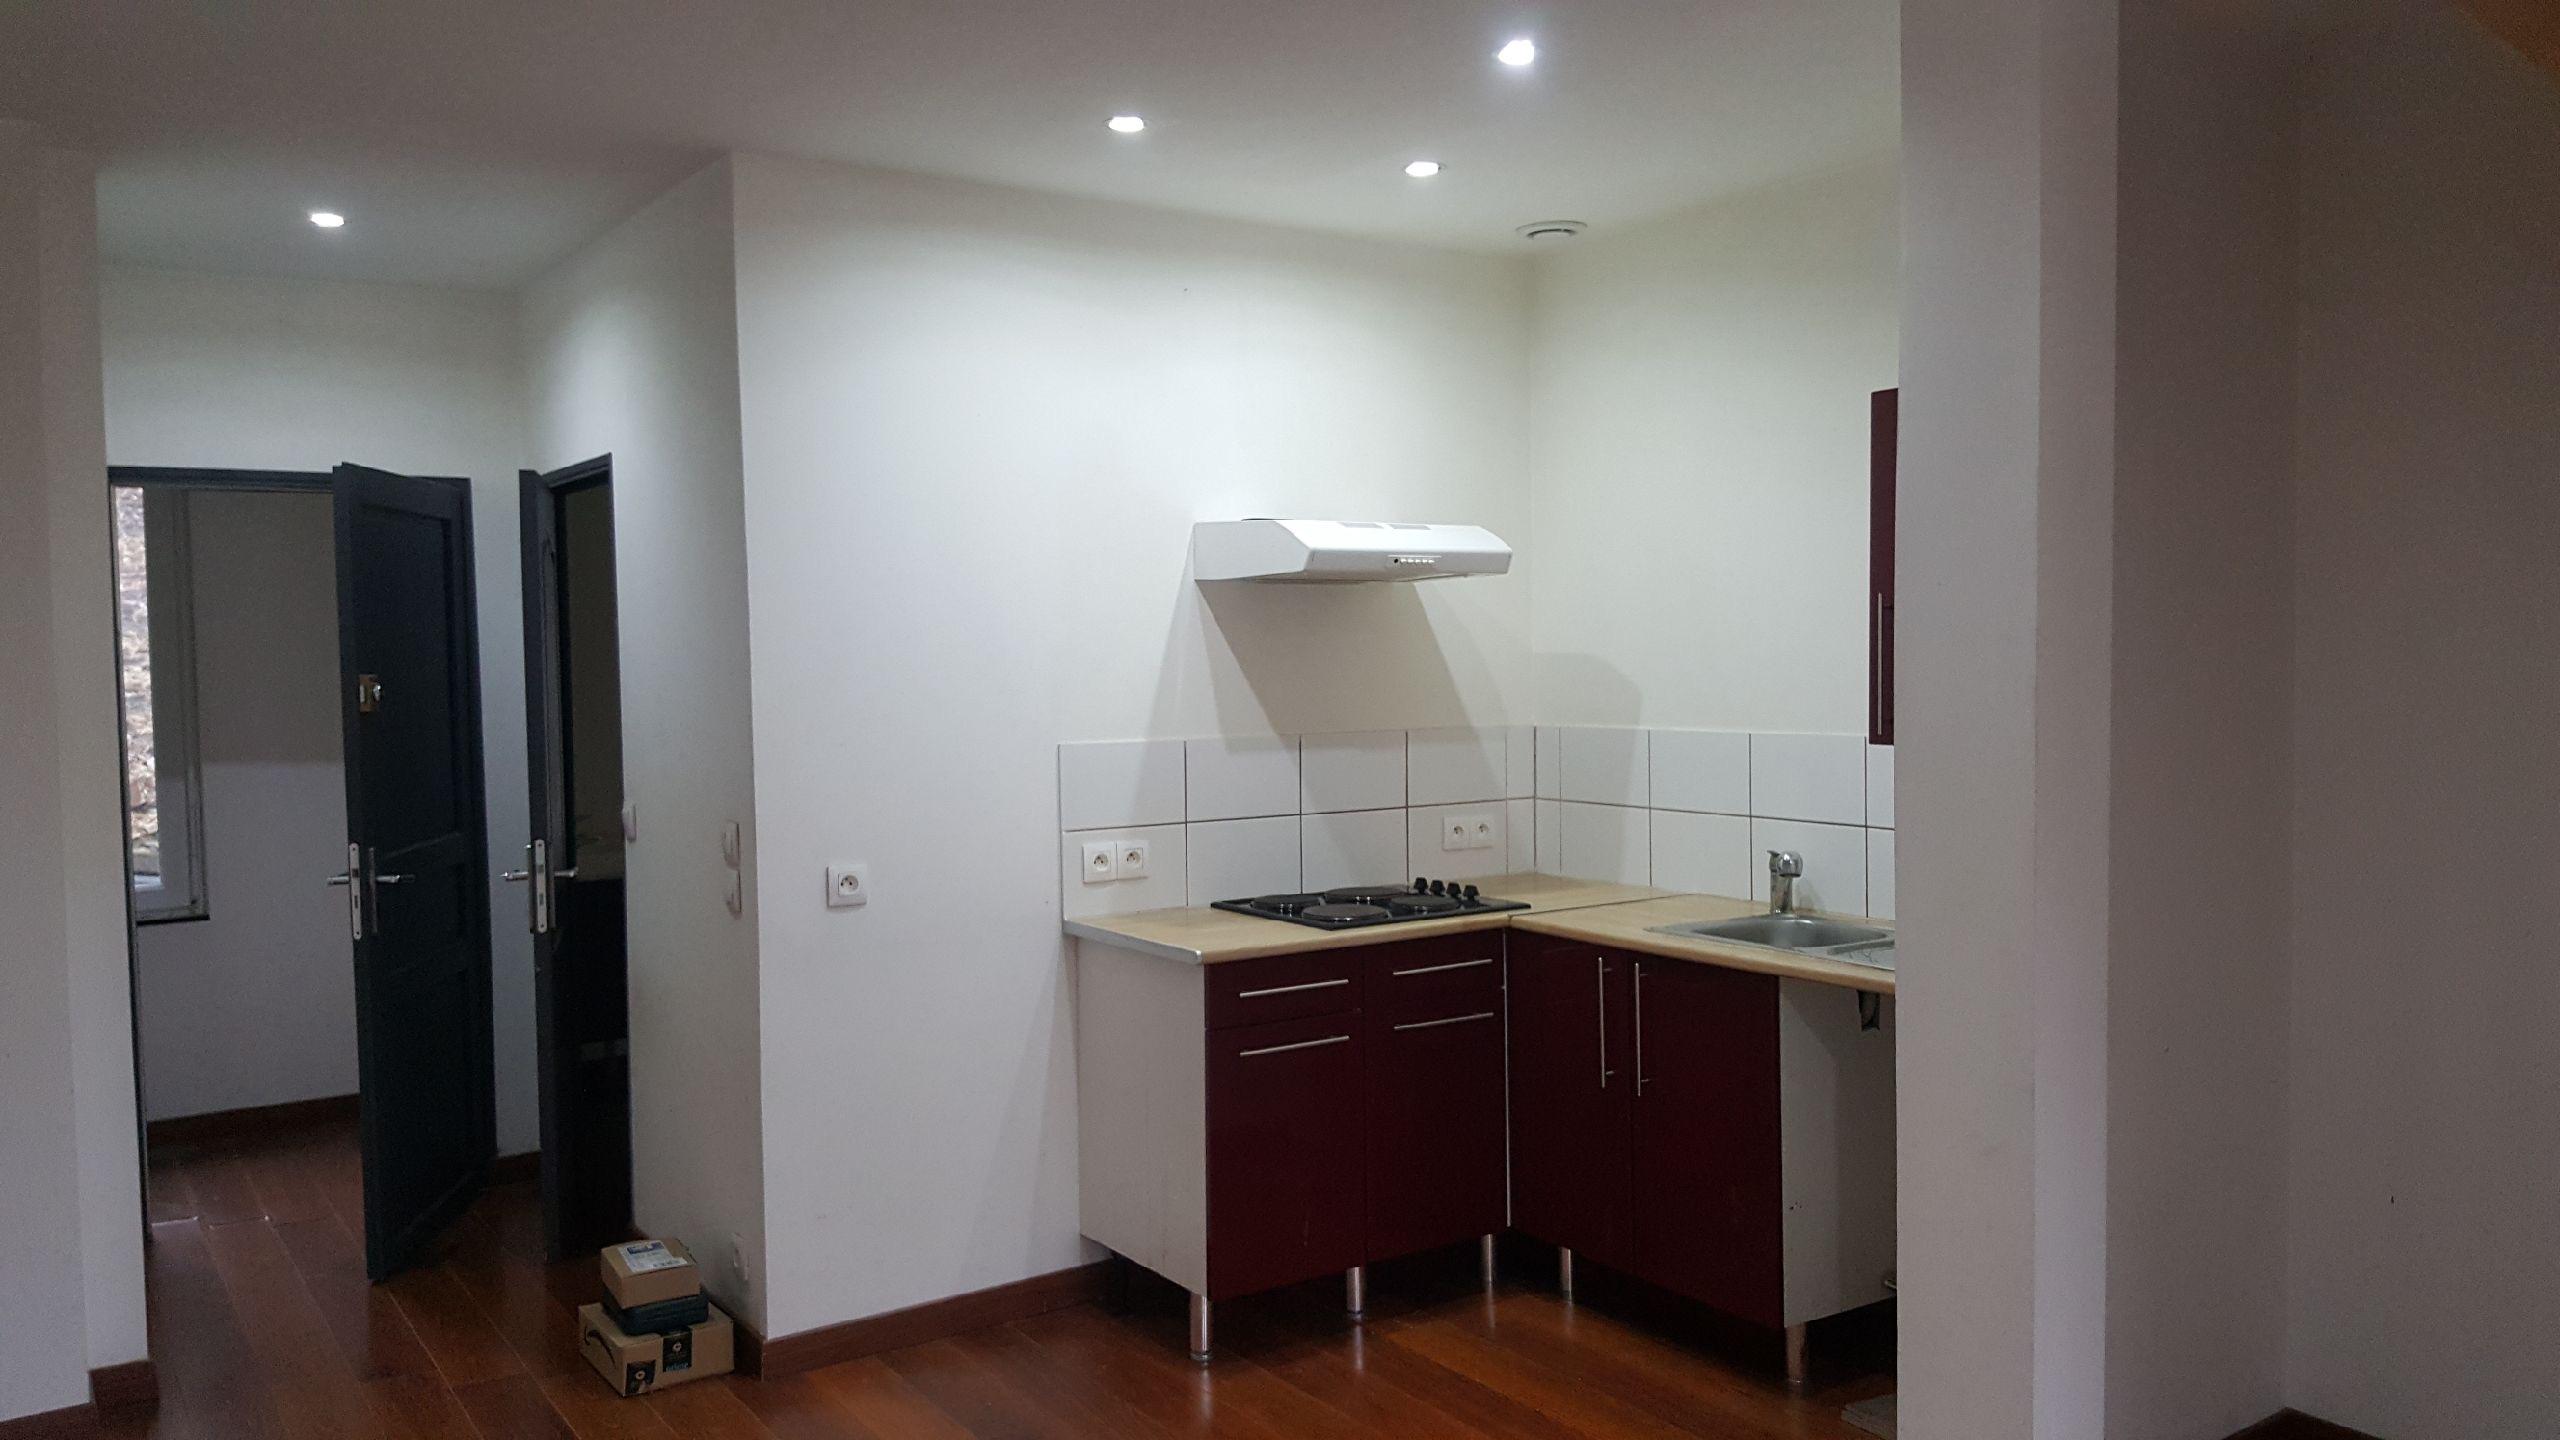 Appartement 2 chambres rénové